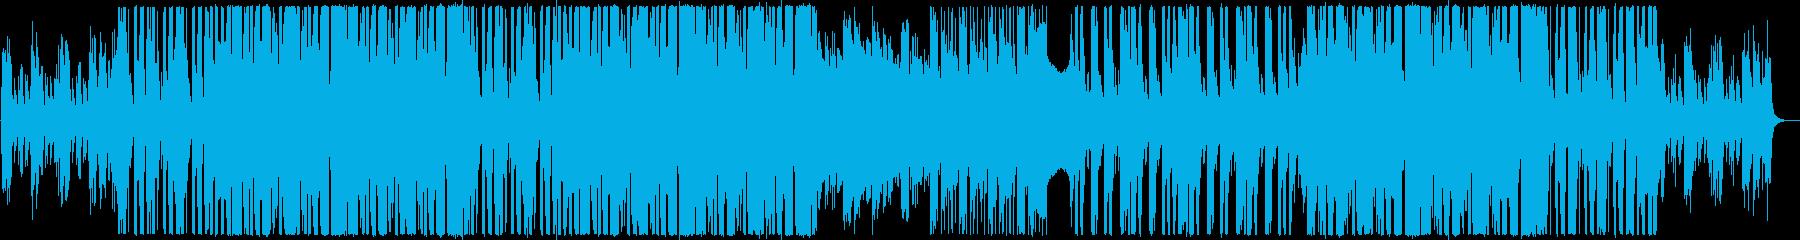 幾何学的なピアノと近未来のクラブサウンドの再生済みの波形